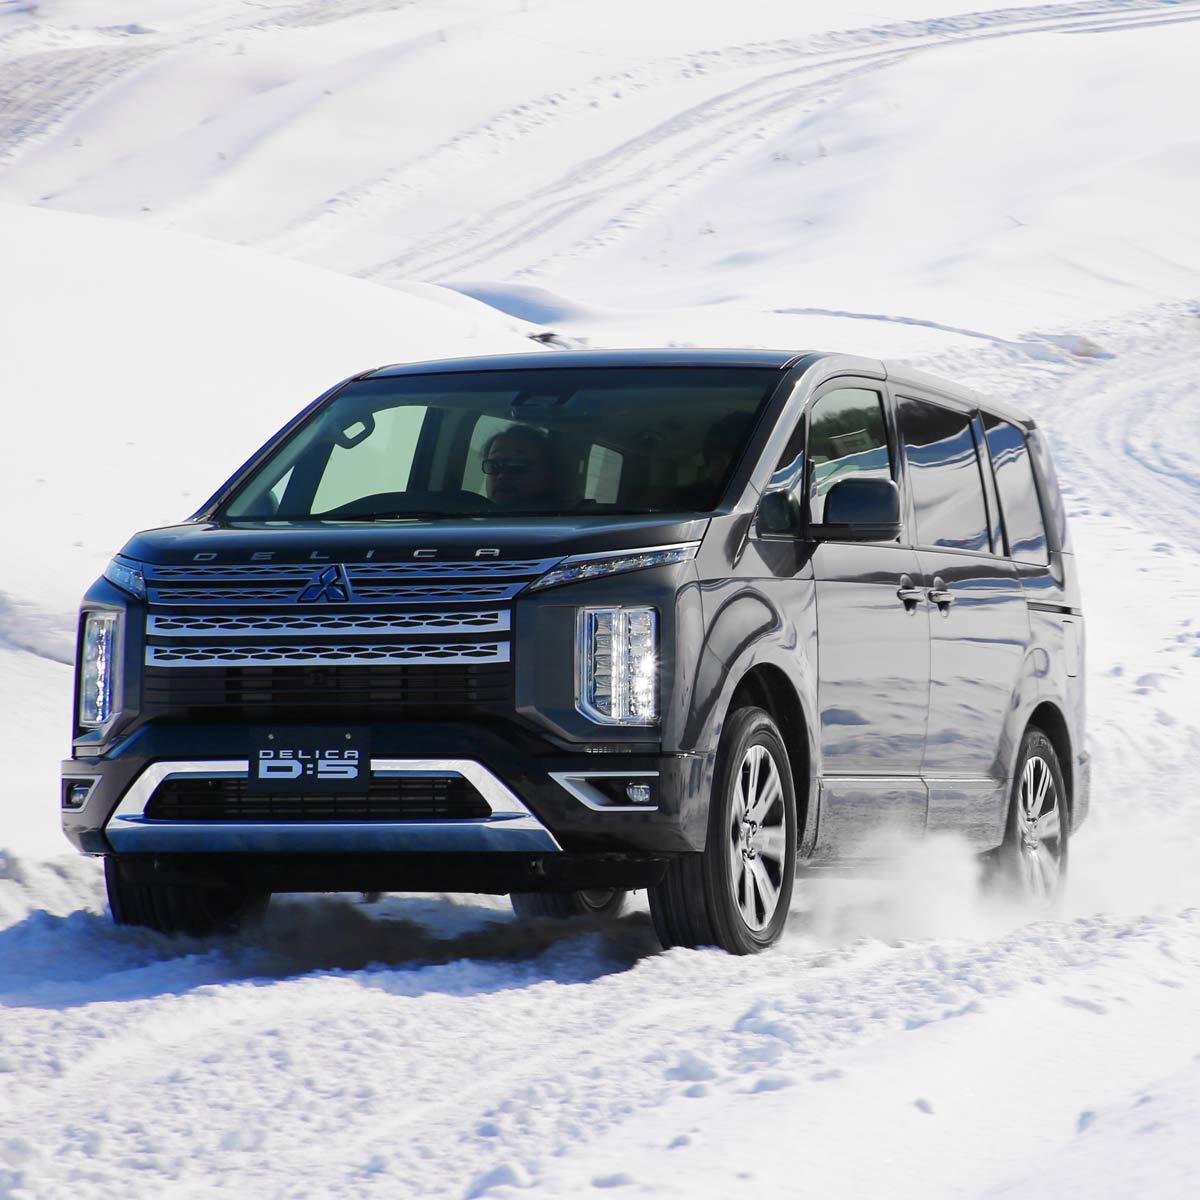 雪上試乗でわかった!新型「デリカD:5」驚くべき走行性能の進化